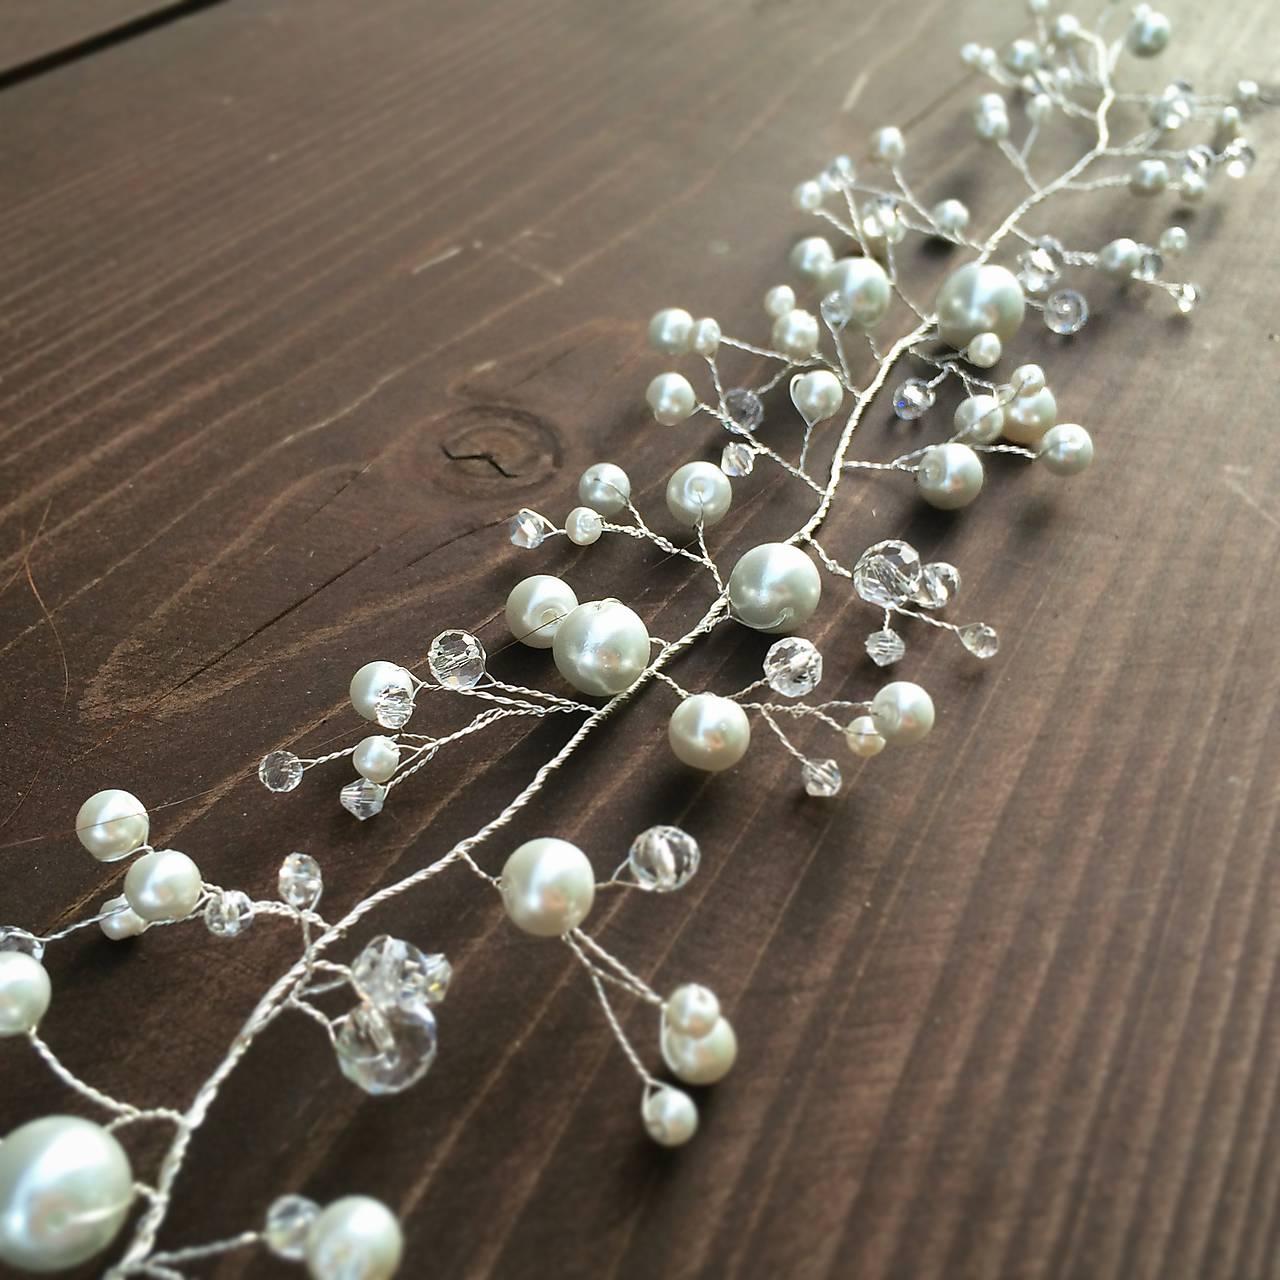 Svadobná mašlička do vlasov (Biela) Svadobný perličkový hrebienok ... 5b408e98d31